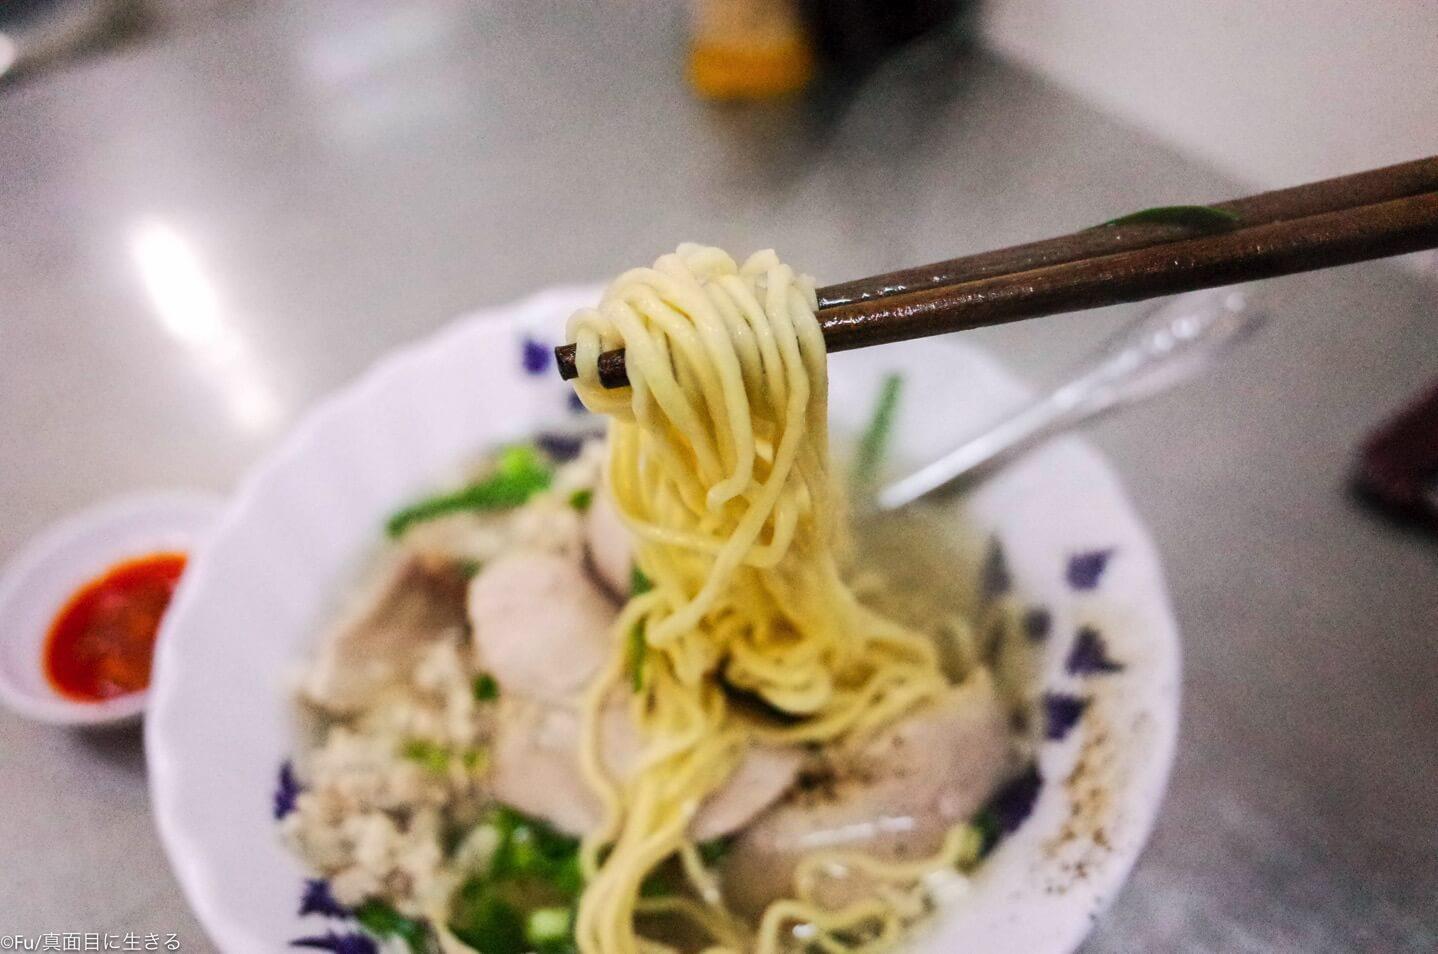 ホーチミン第1区 ベンタイン市場近くのベトナム風ラーメン屋「Hu Tieu Mi Thap Cam」(フーティウミータップカム)